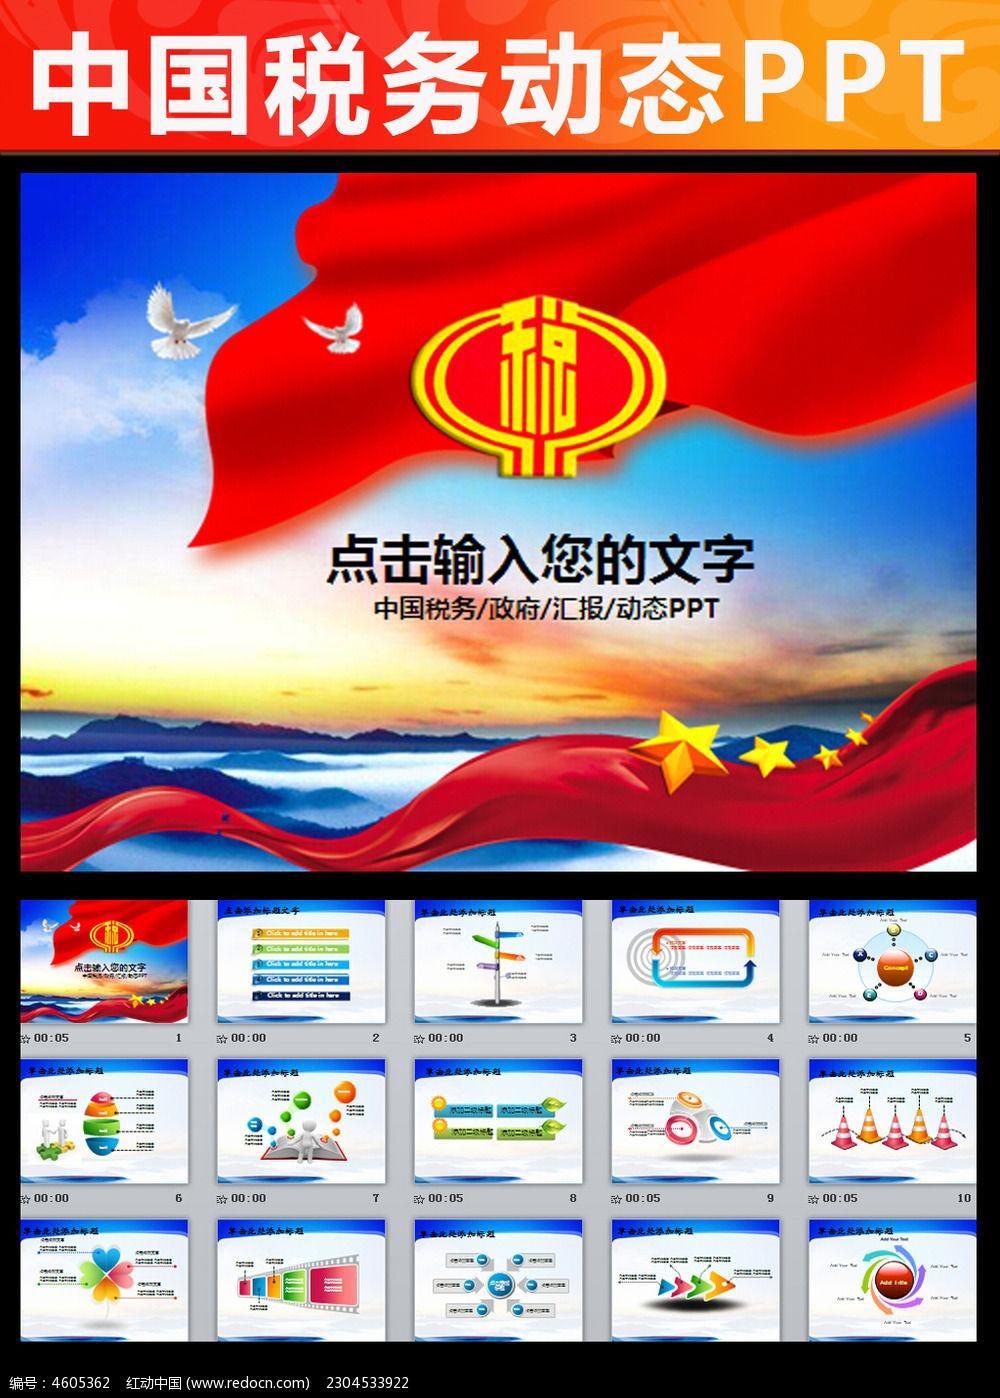 原创设计稿 ppt模板/ppt背景图片 政府党建ppt 中国税务政府工作动态图片